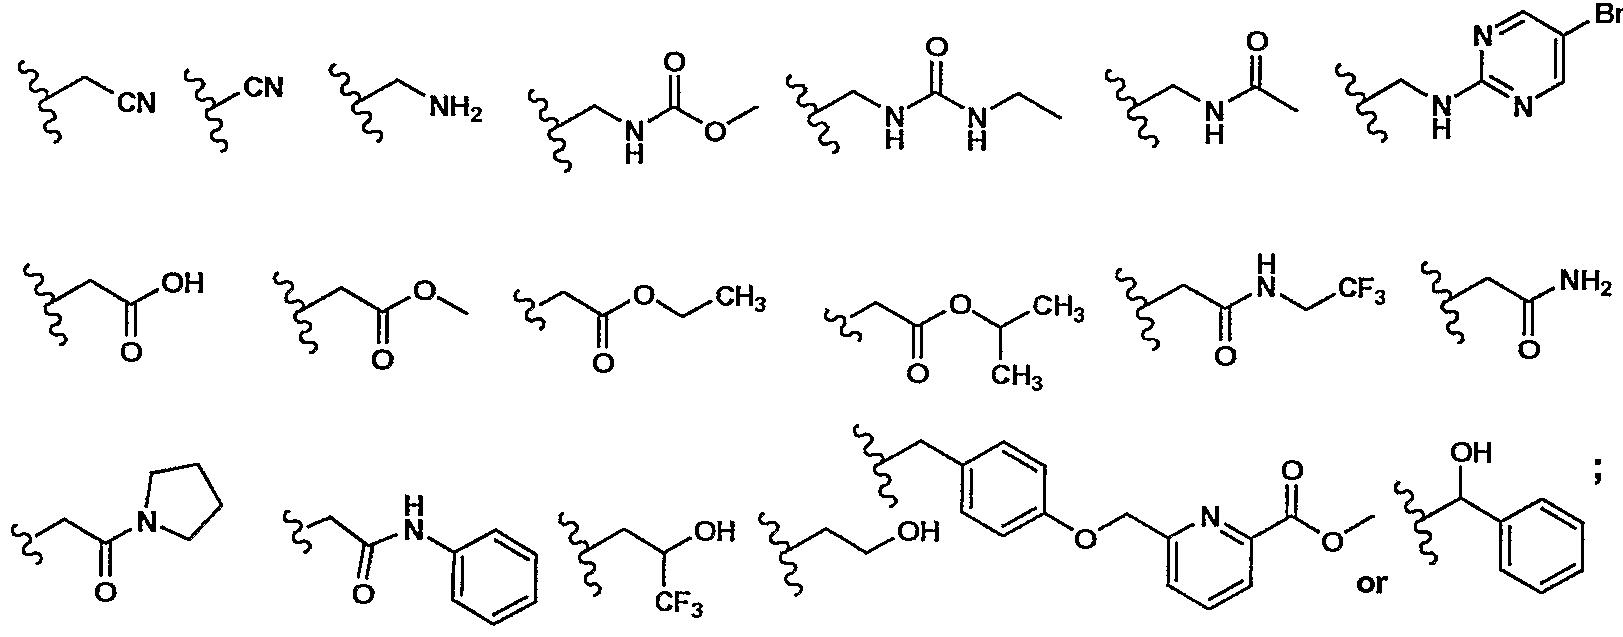 Figure imgf000125_0005